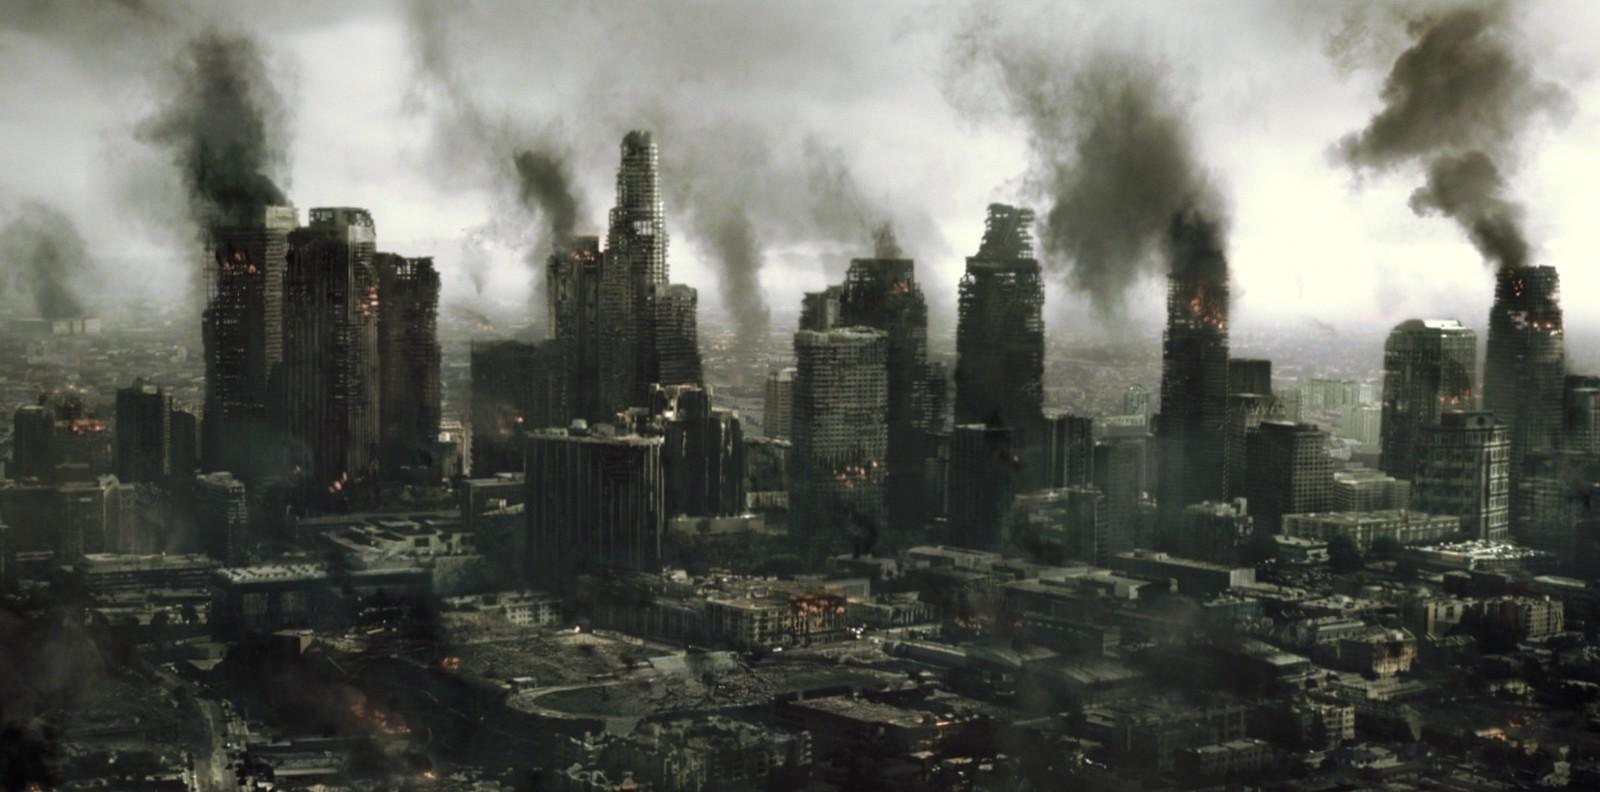 Fru maduró, posible apocalipsis